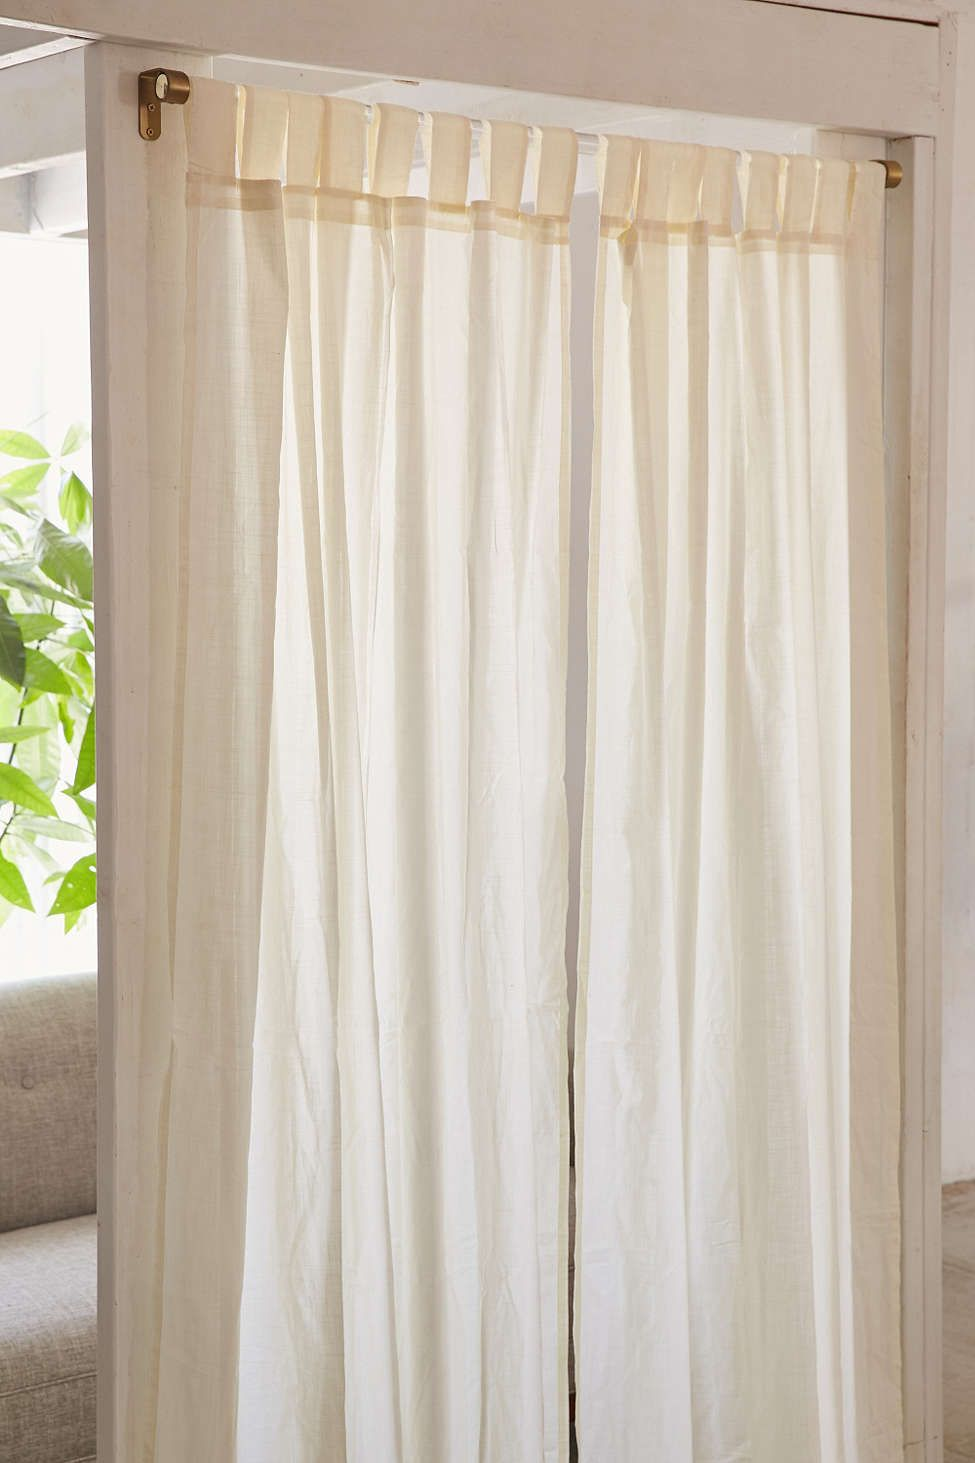 Acrylic curtain rod - Assembly Home Acrylic Curtain Rod